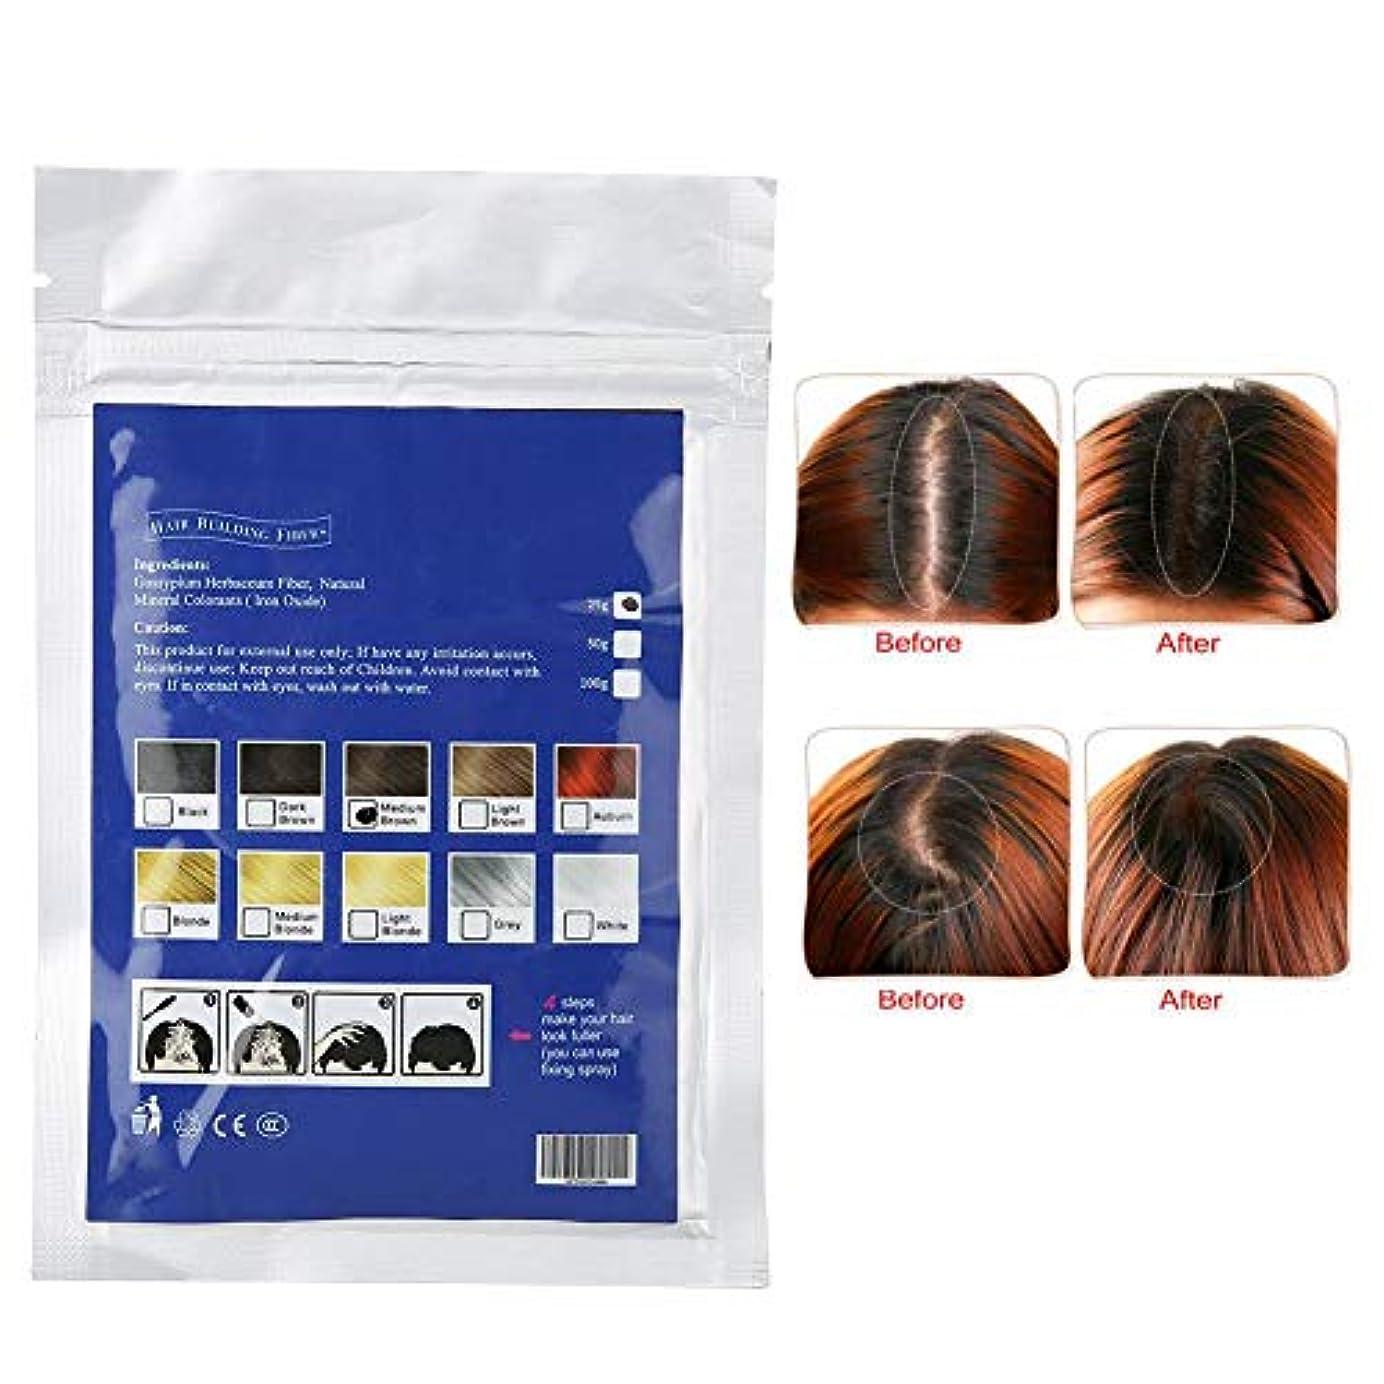 ブリーフケースアマゾンジャングル仮定ヘアフィラー、ヘアボリュームパウダー、髪の根元を薄くするためのカバーアップヘアフィラー(3#)